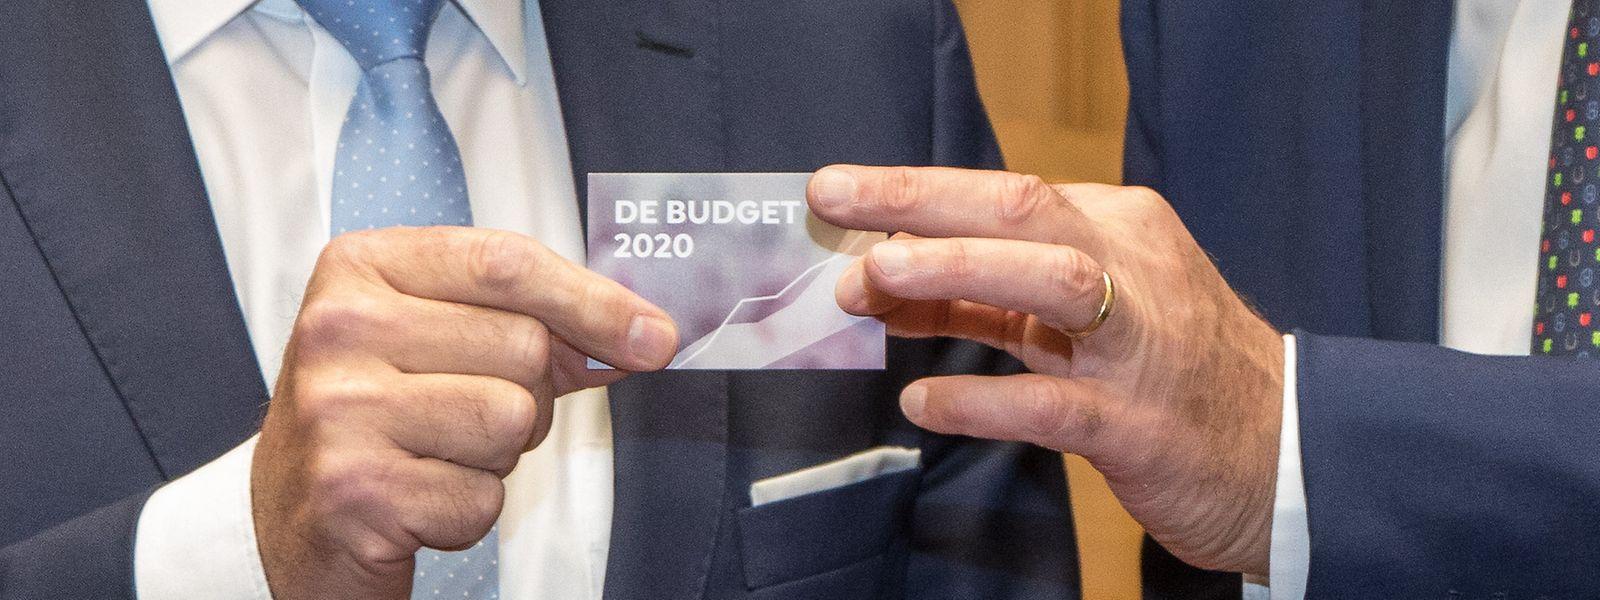 Ein Haushalt à la carte: Die Abgeordneten können das Budget 2020 dieses Jahr per QR-Code abrufen.